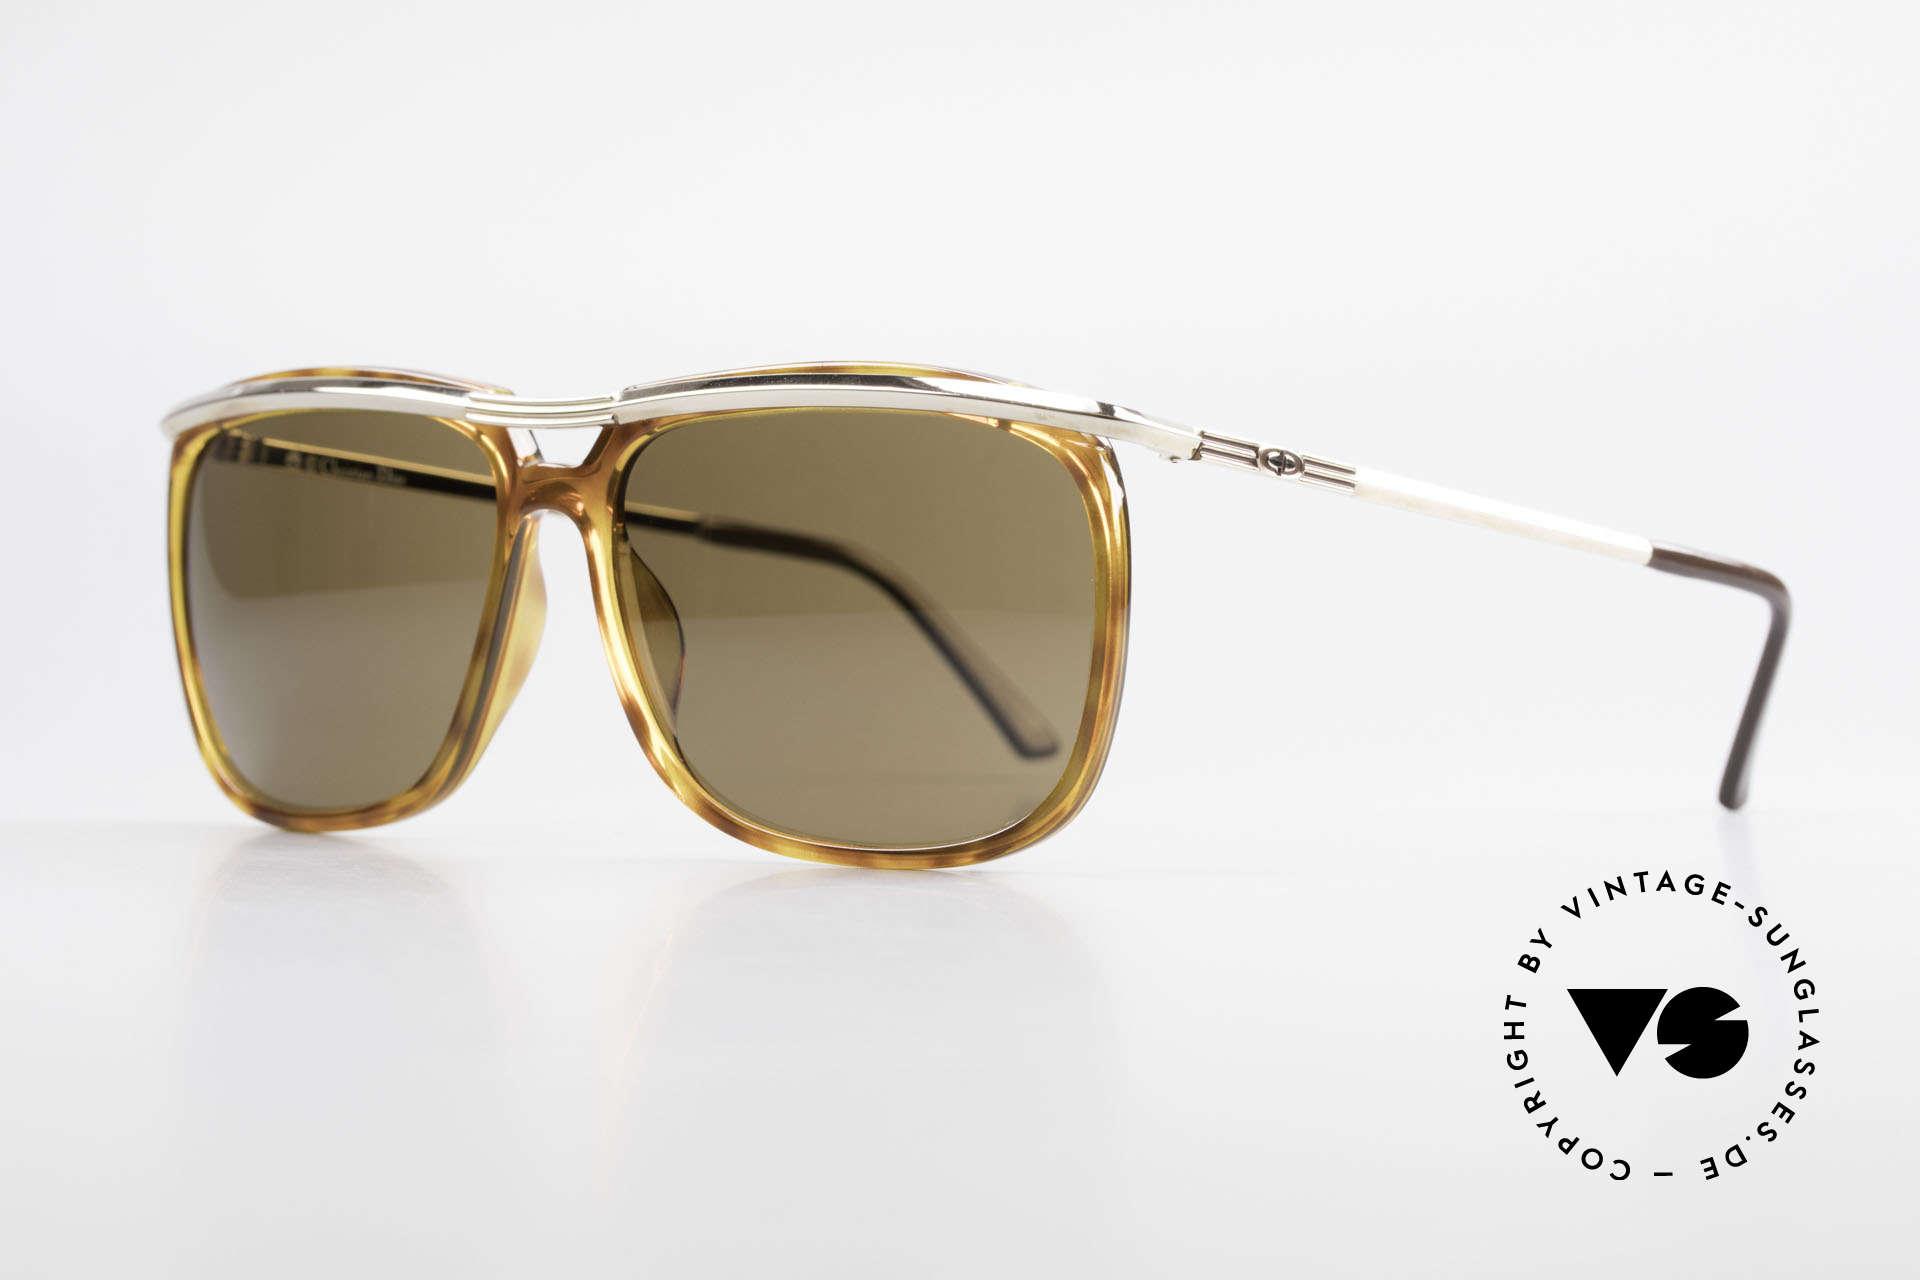 Christian Dior 2698 Alte 90er Herrensonnenbrille, hergestellt um 1990 in Deutschland, Top-Qualität, Passend für Herren